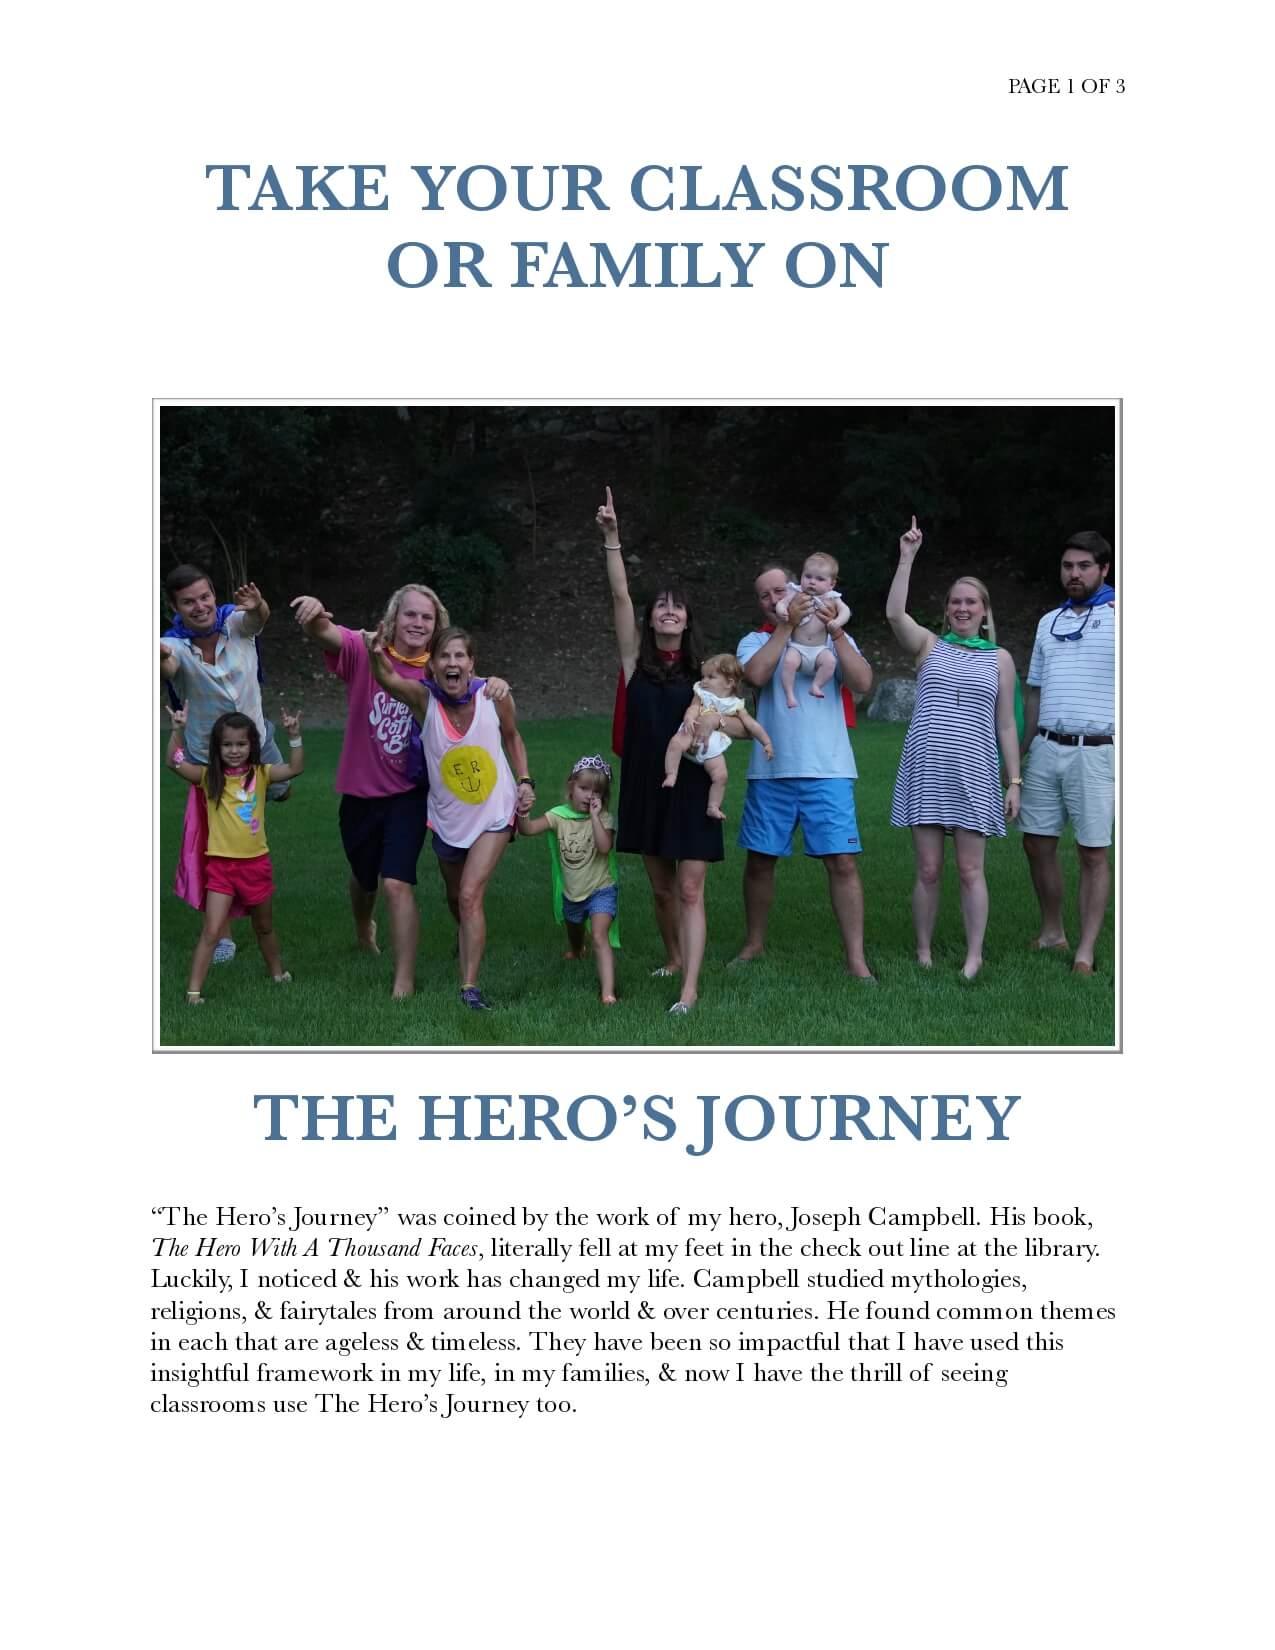 Hero's Journey Best Website_ Classroom 3-21-19 copy 3_page-0001